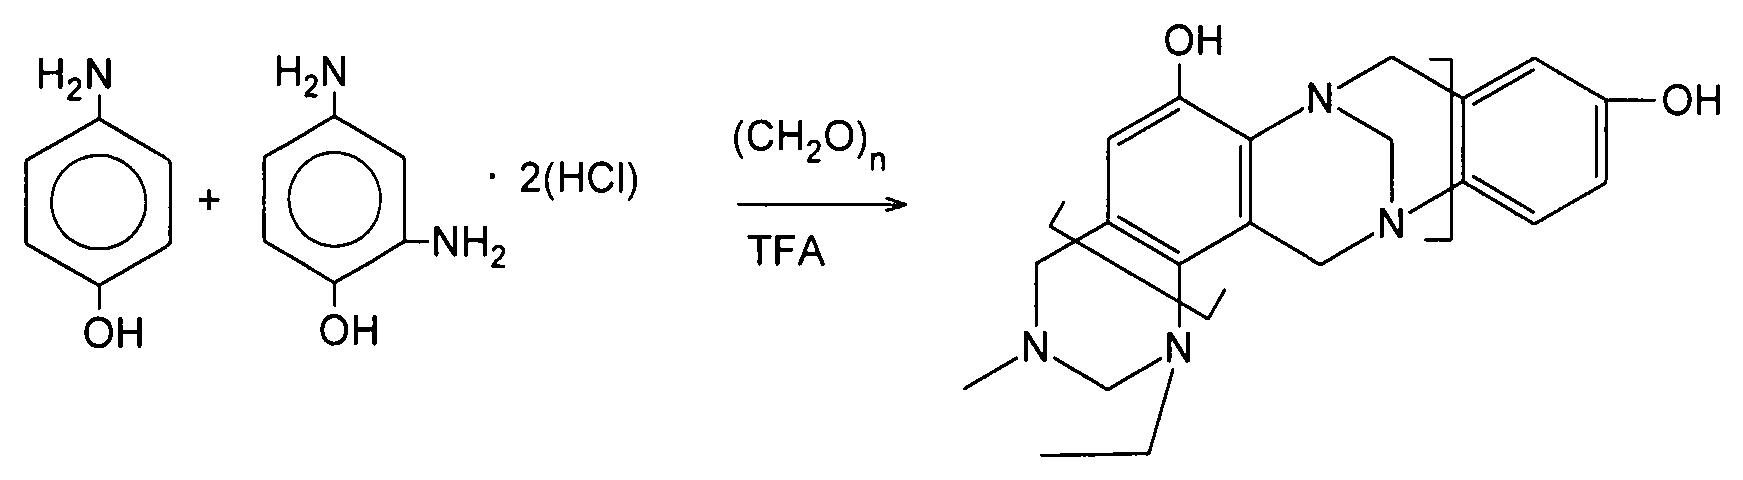 Figure DE112016005378T5_0046